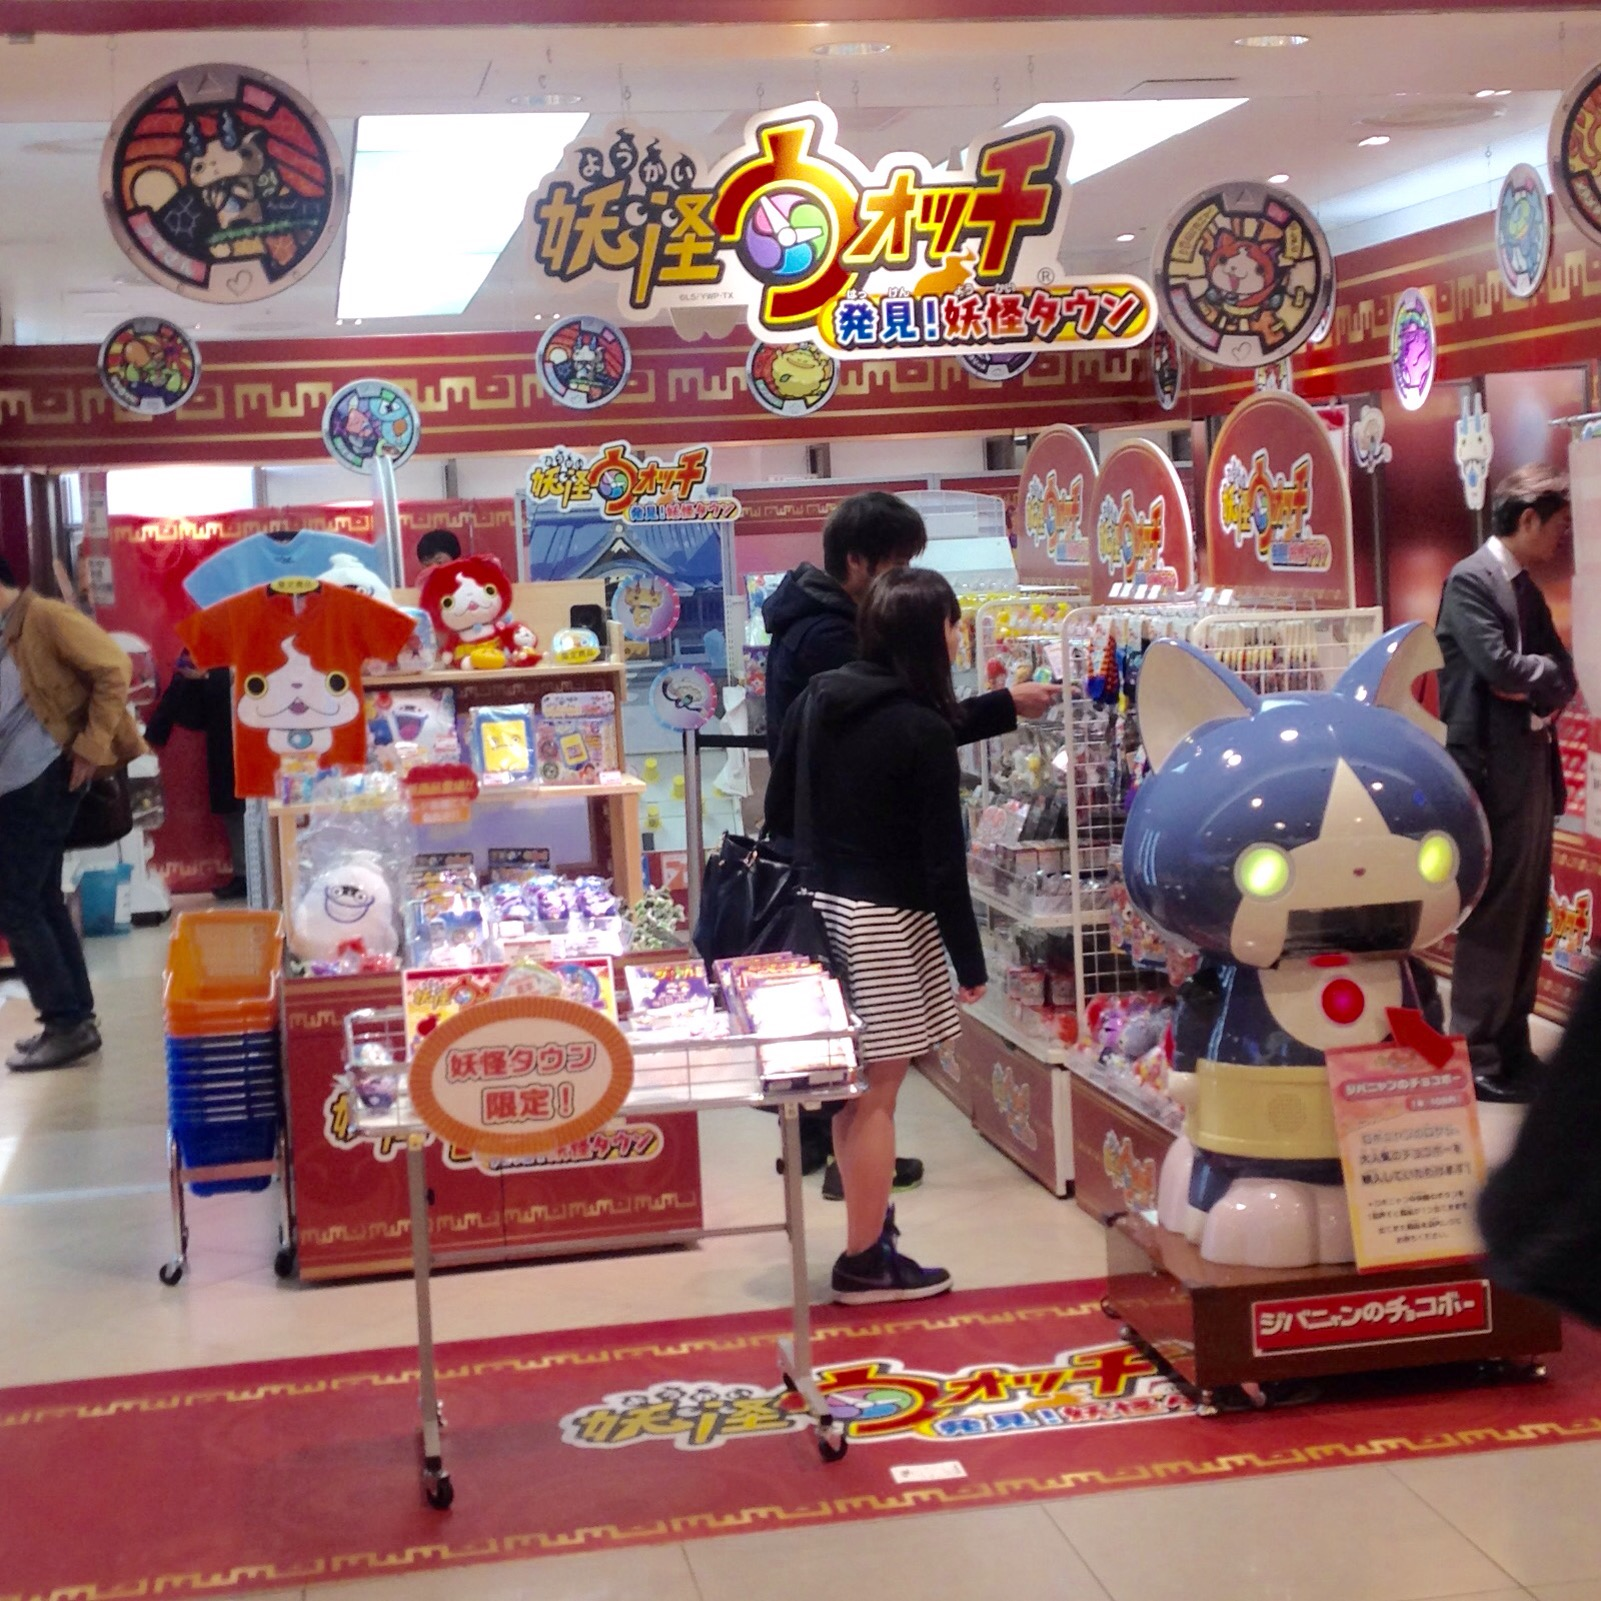 東京駅の子供向けお土産はキャラクターストリートへ!妖怪ウォッチからリラックマまで公式ショップがたくさん!